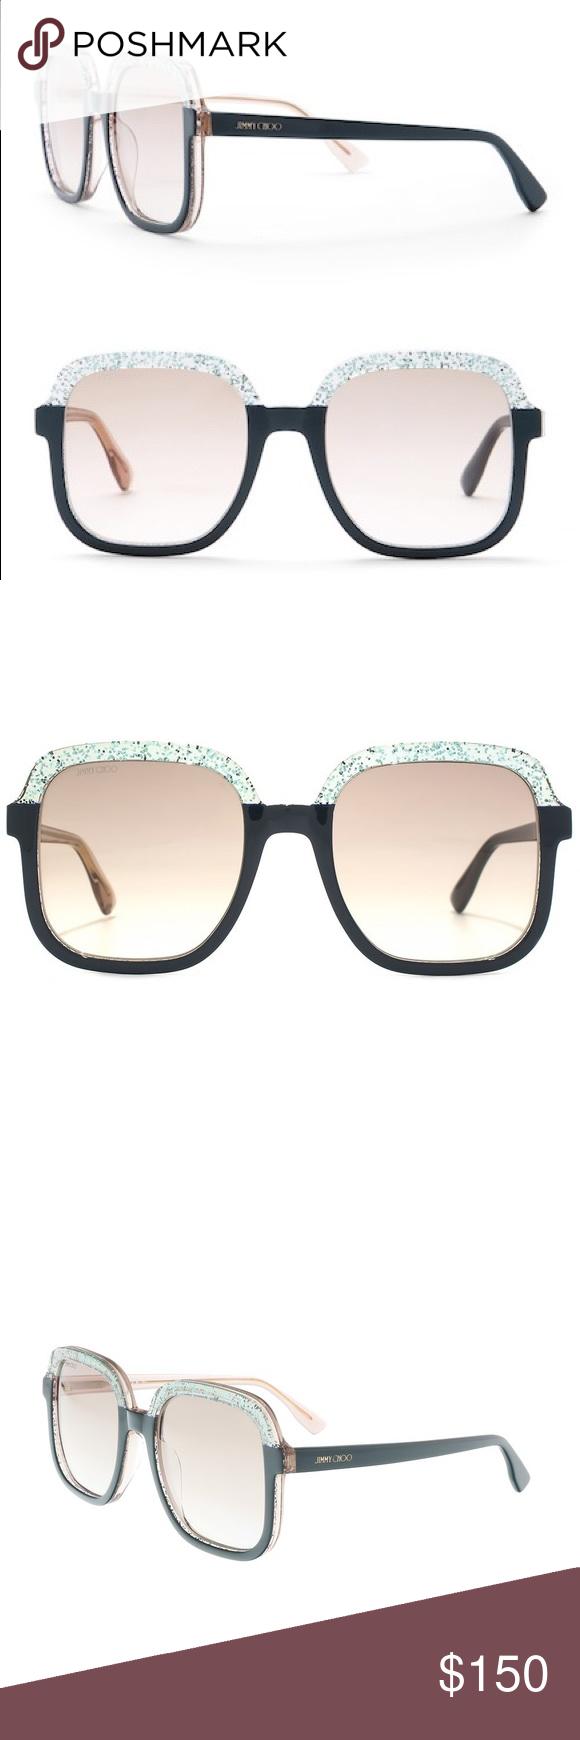 af14c8cb0d4 Jimmy Choo Sunglasses Glint 55mm Square Black Jimmy Choo Womens Sunglasses  Glint 55mm Square Black Glitter Jimmy Choo Accessories Sunglasses